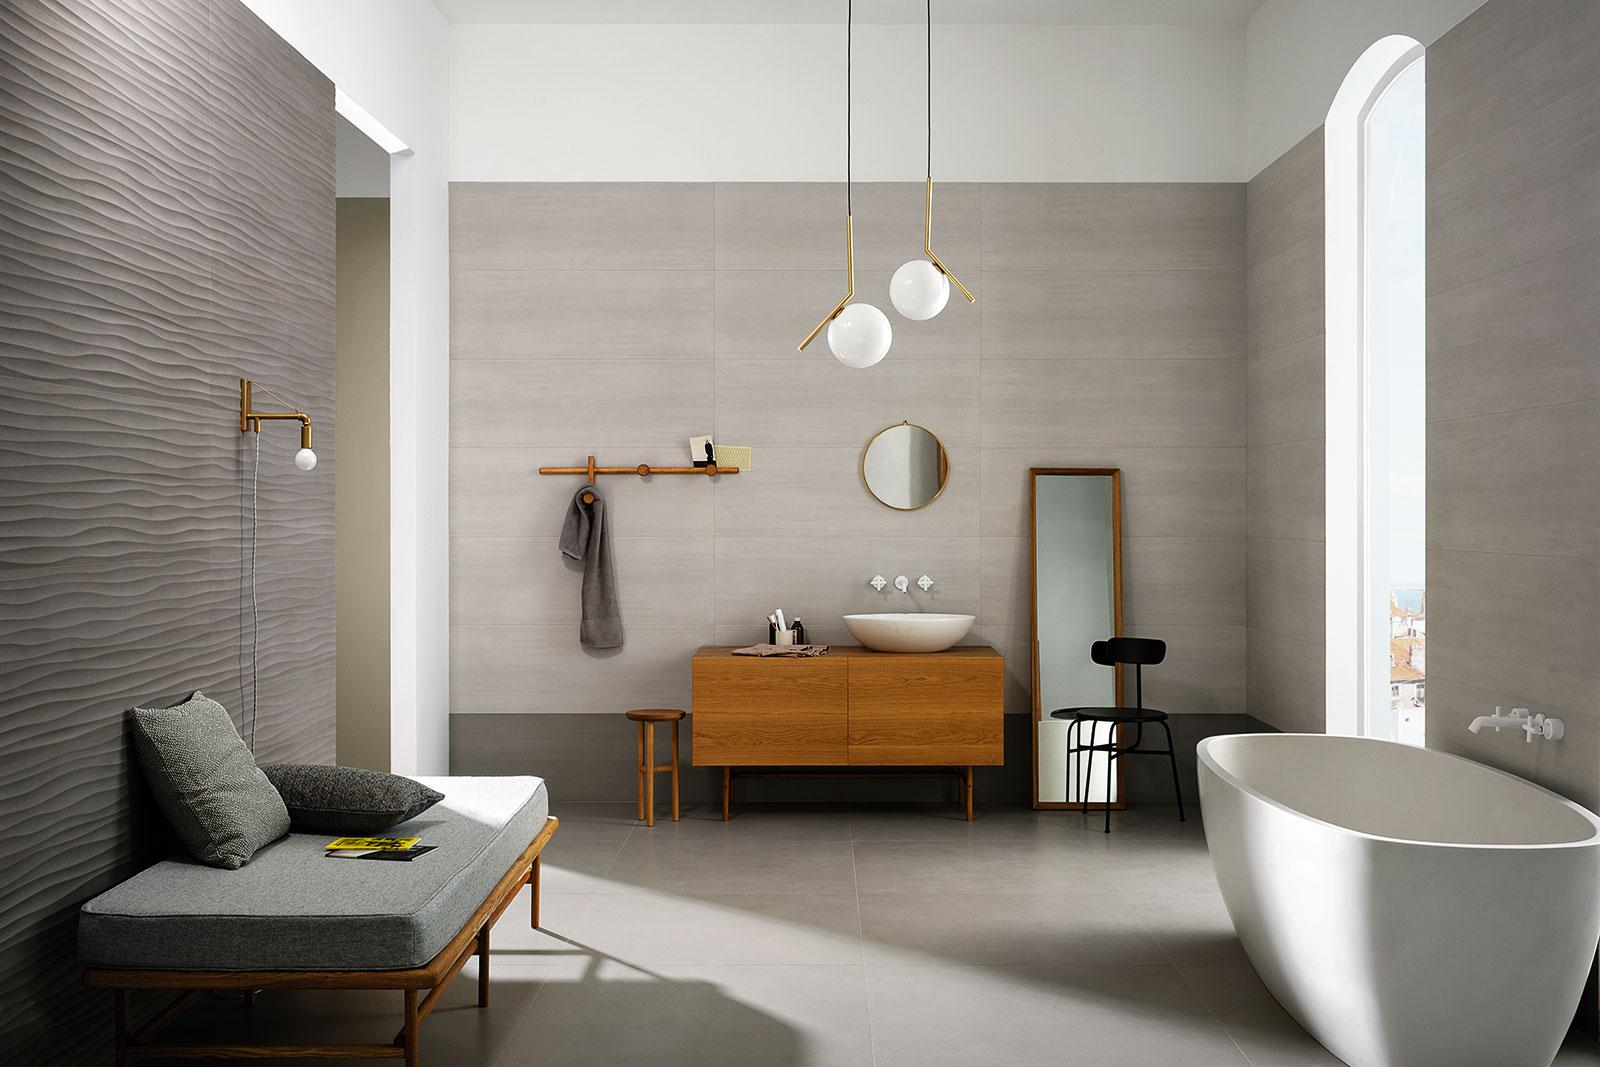 Piastrelle x bagni moderni u2013 idee di immagine di casa